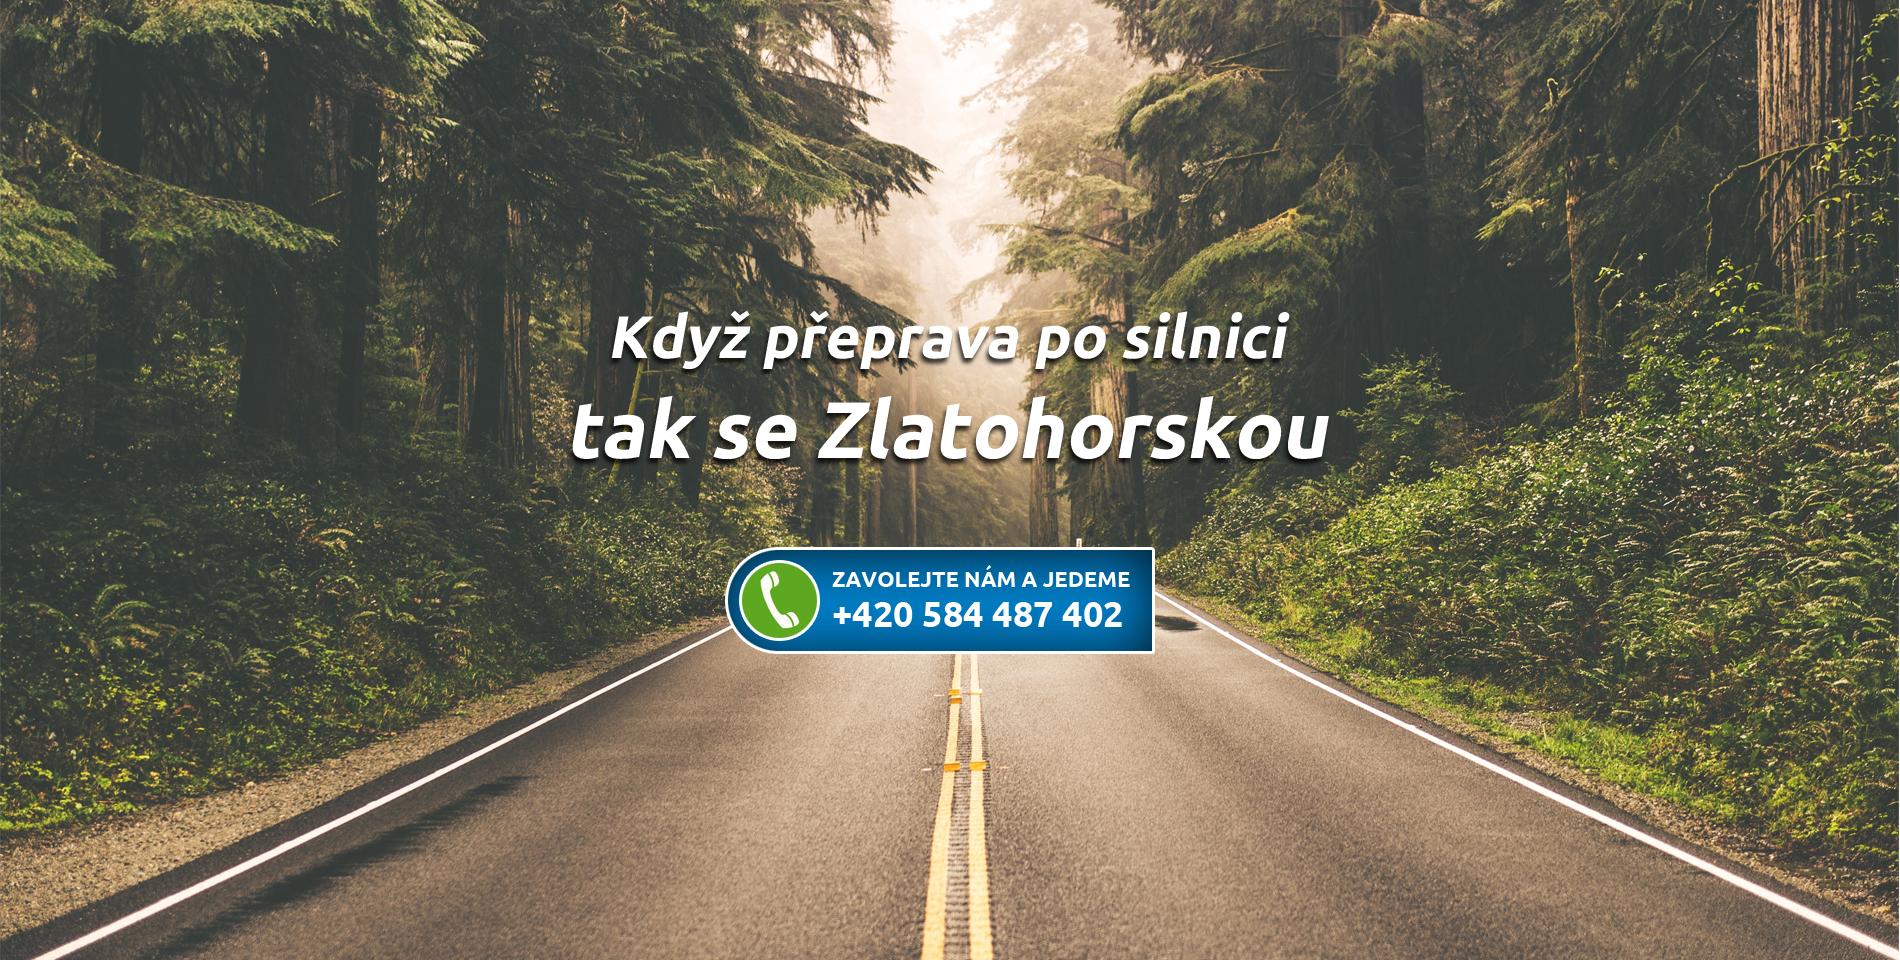 ZLATOHORSKÁ_AUTODOPRAVA